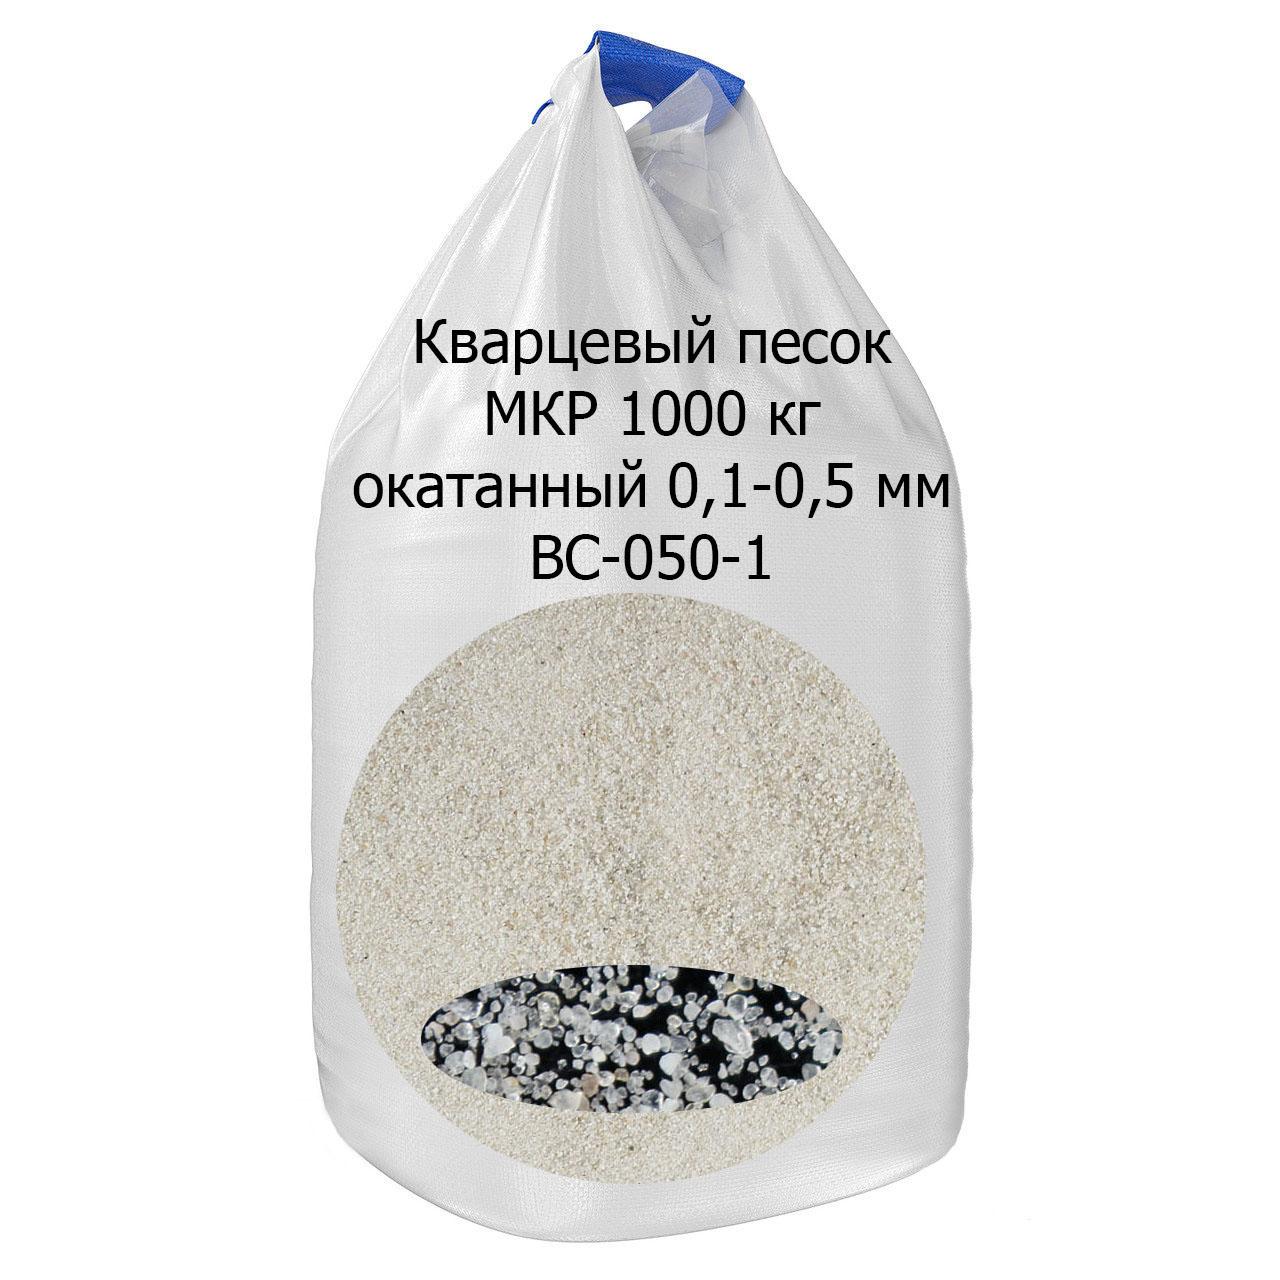 Песок кварцевый 0,1-0,5 мм в МКР (биг-бэг) 1000 кг ВС-050-1